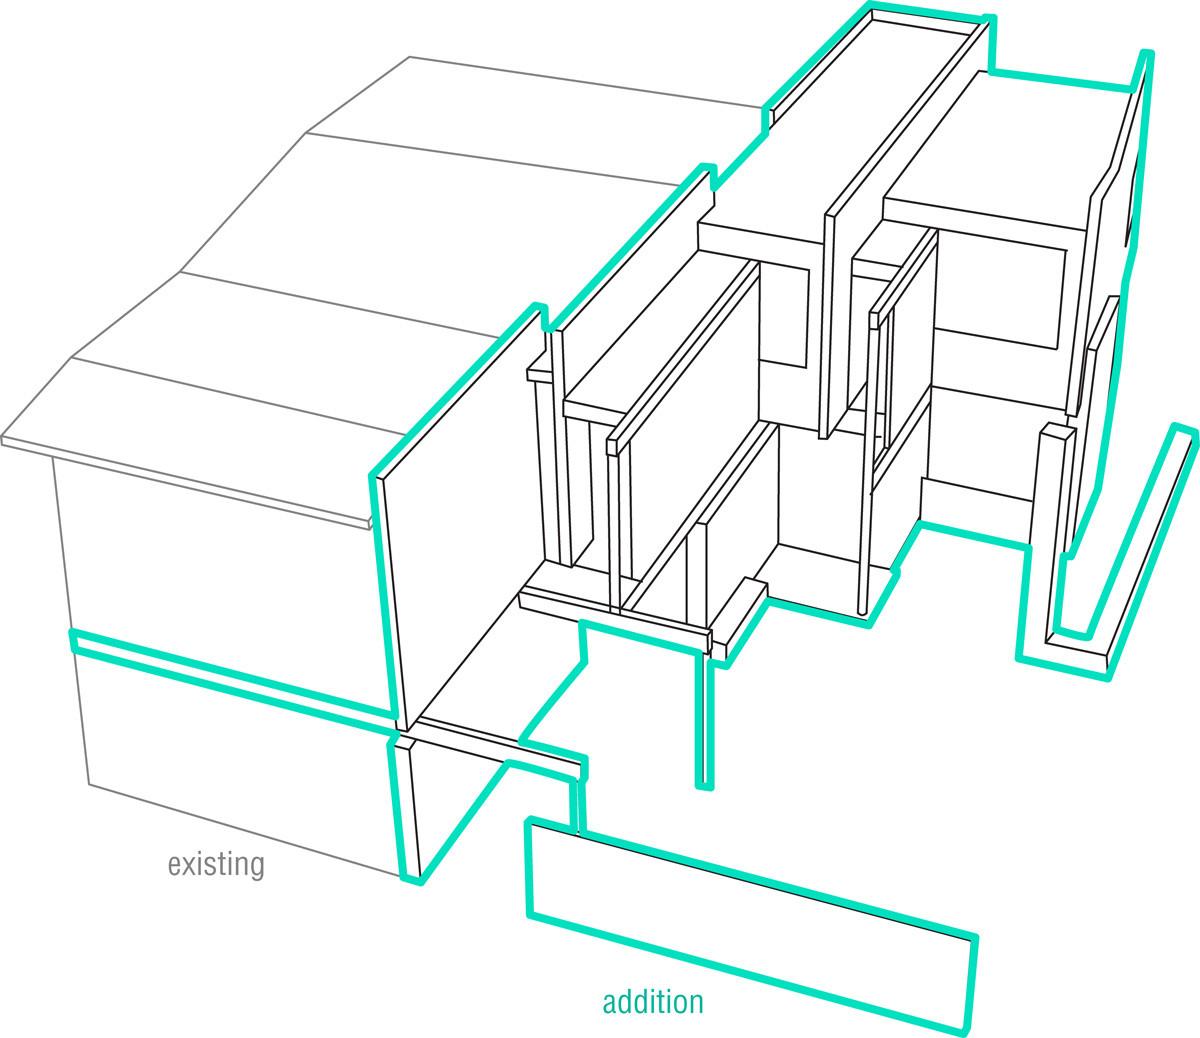 TBA_palisades_diagram-exst_new.jpg